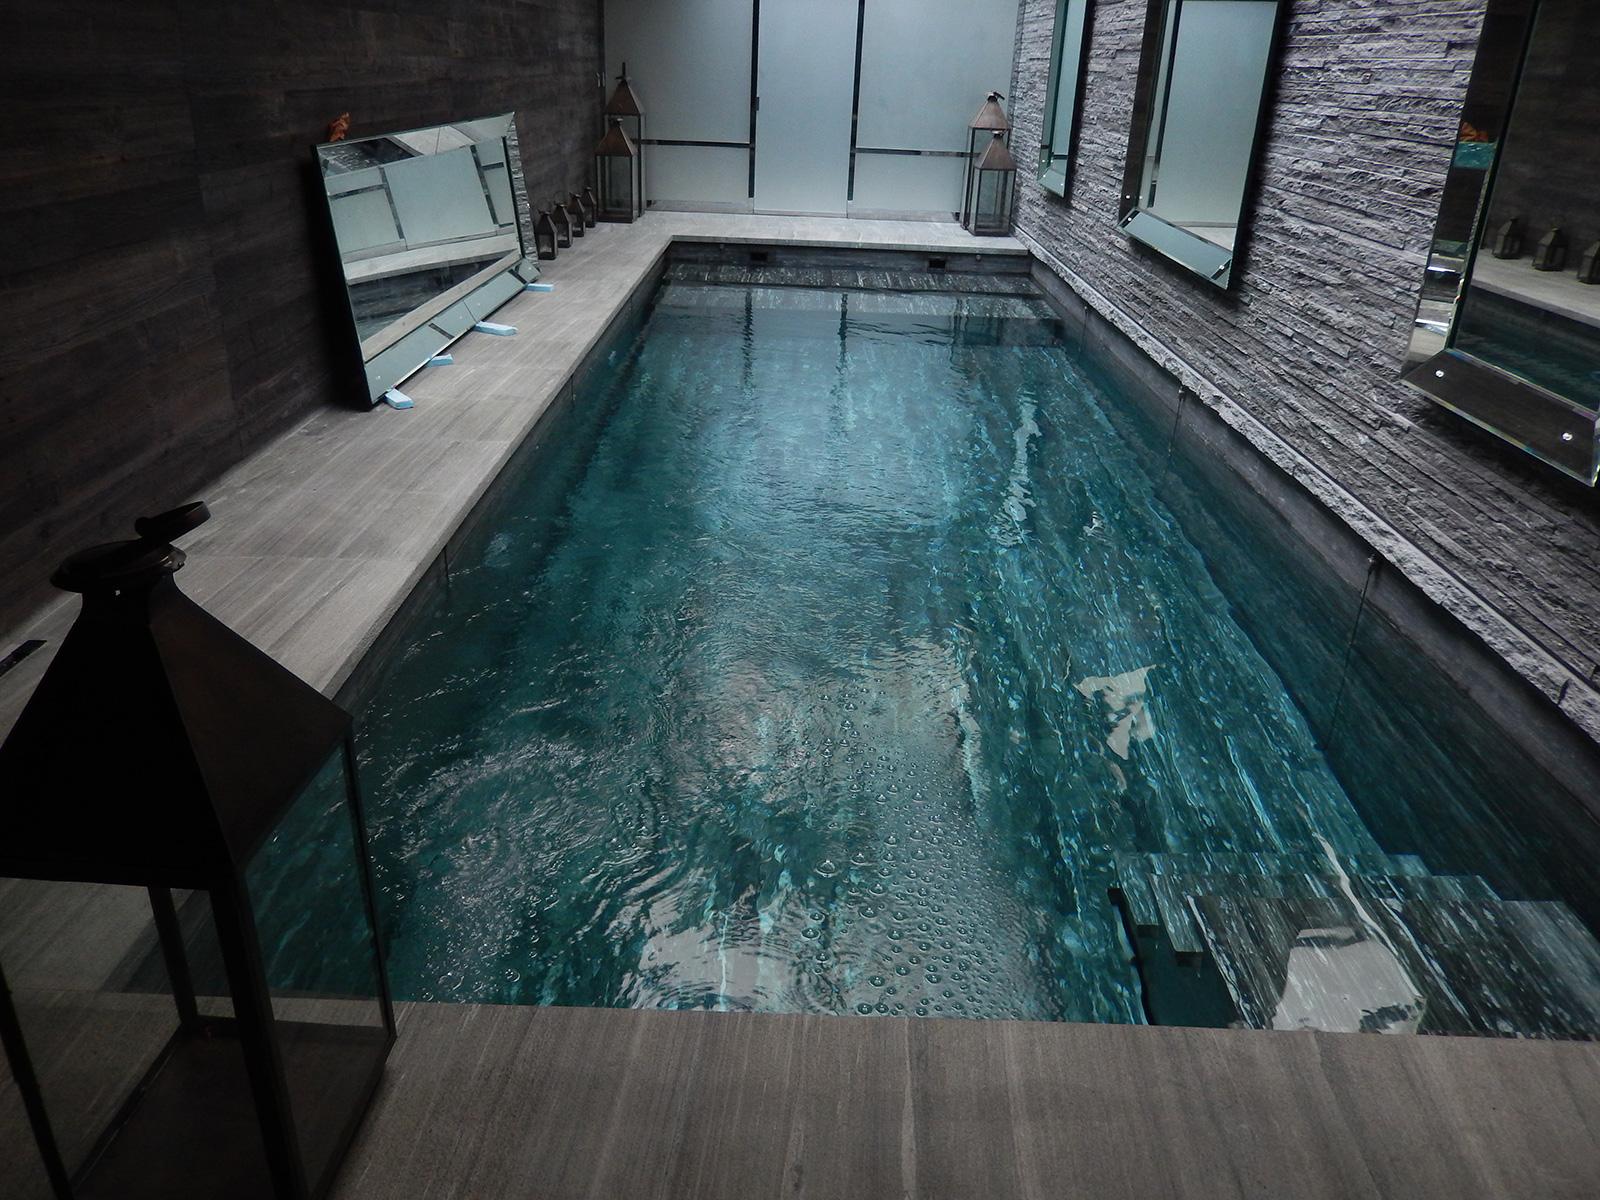 nos r alisations de fonds mobiles pour piscines fond mobile pour piscine hidden pool fond. Black Bedroom Furniture Sets. Home Design Ideas